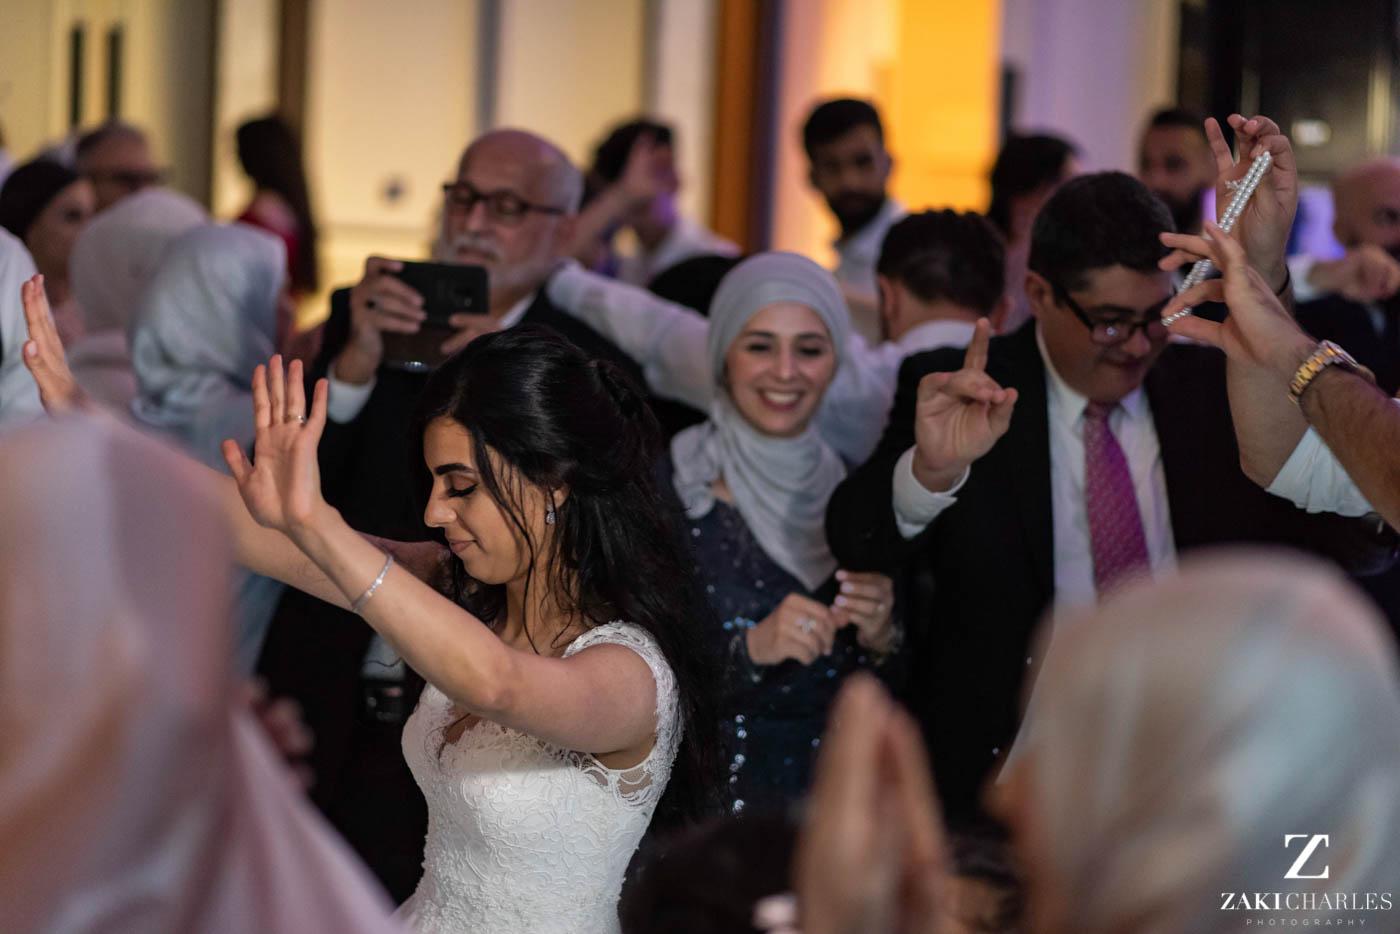 Guests dancing at Marriott Hotel Regents Park Wedding Venue 6